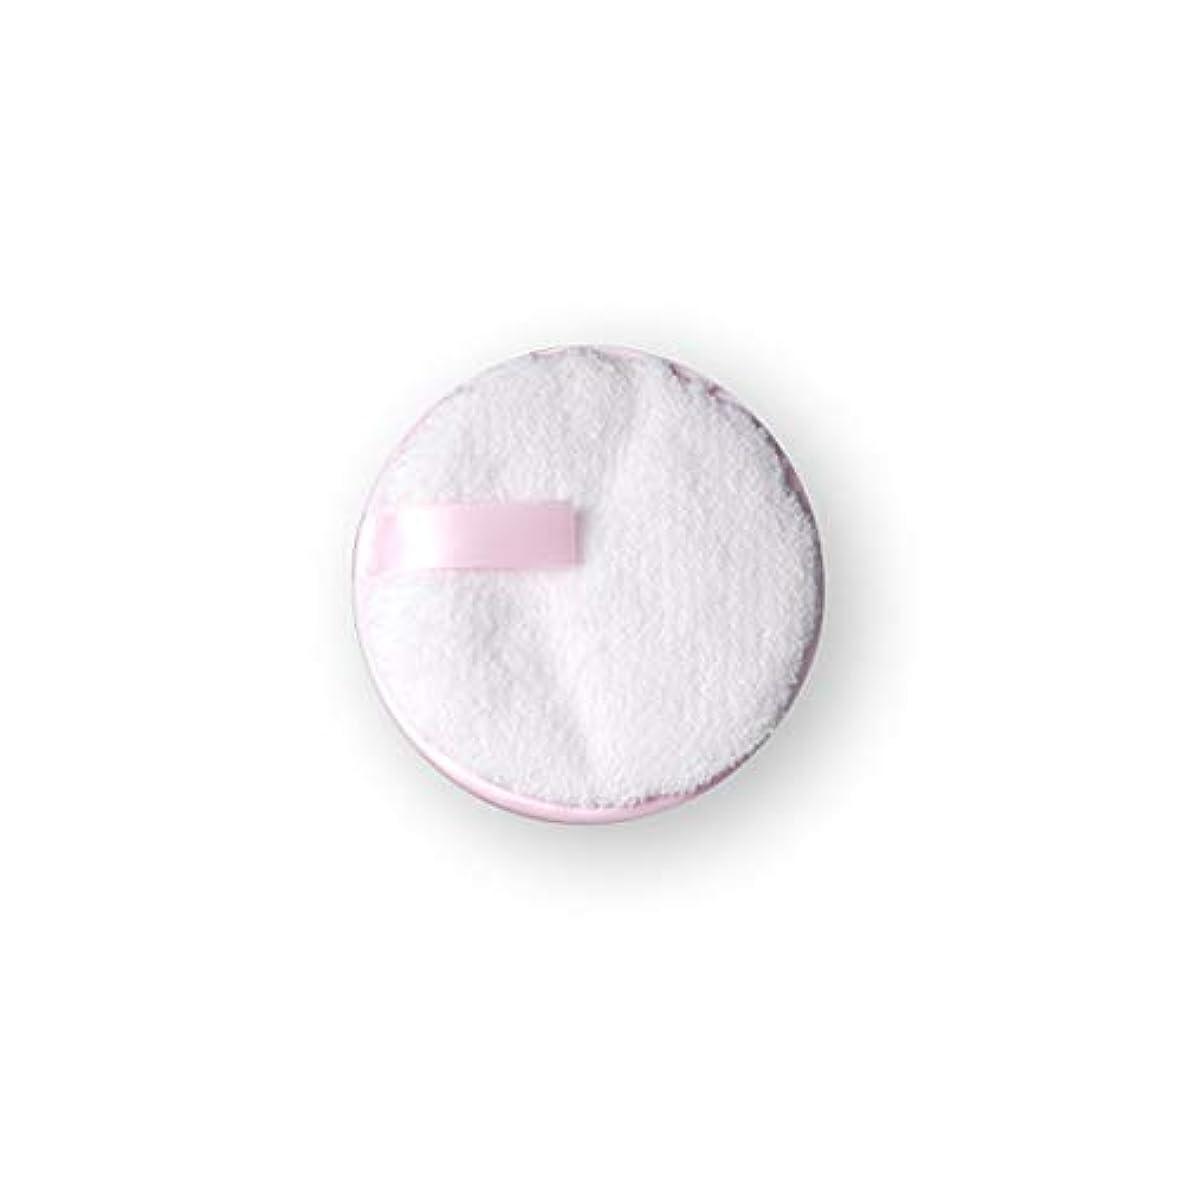 回答履歴書パシフィックメイク落とし布マジックタオル、再利用可能な洗顔タオル - 化学薬品を含まない、ただ水で化粧をすぐに落とす(6PCS)